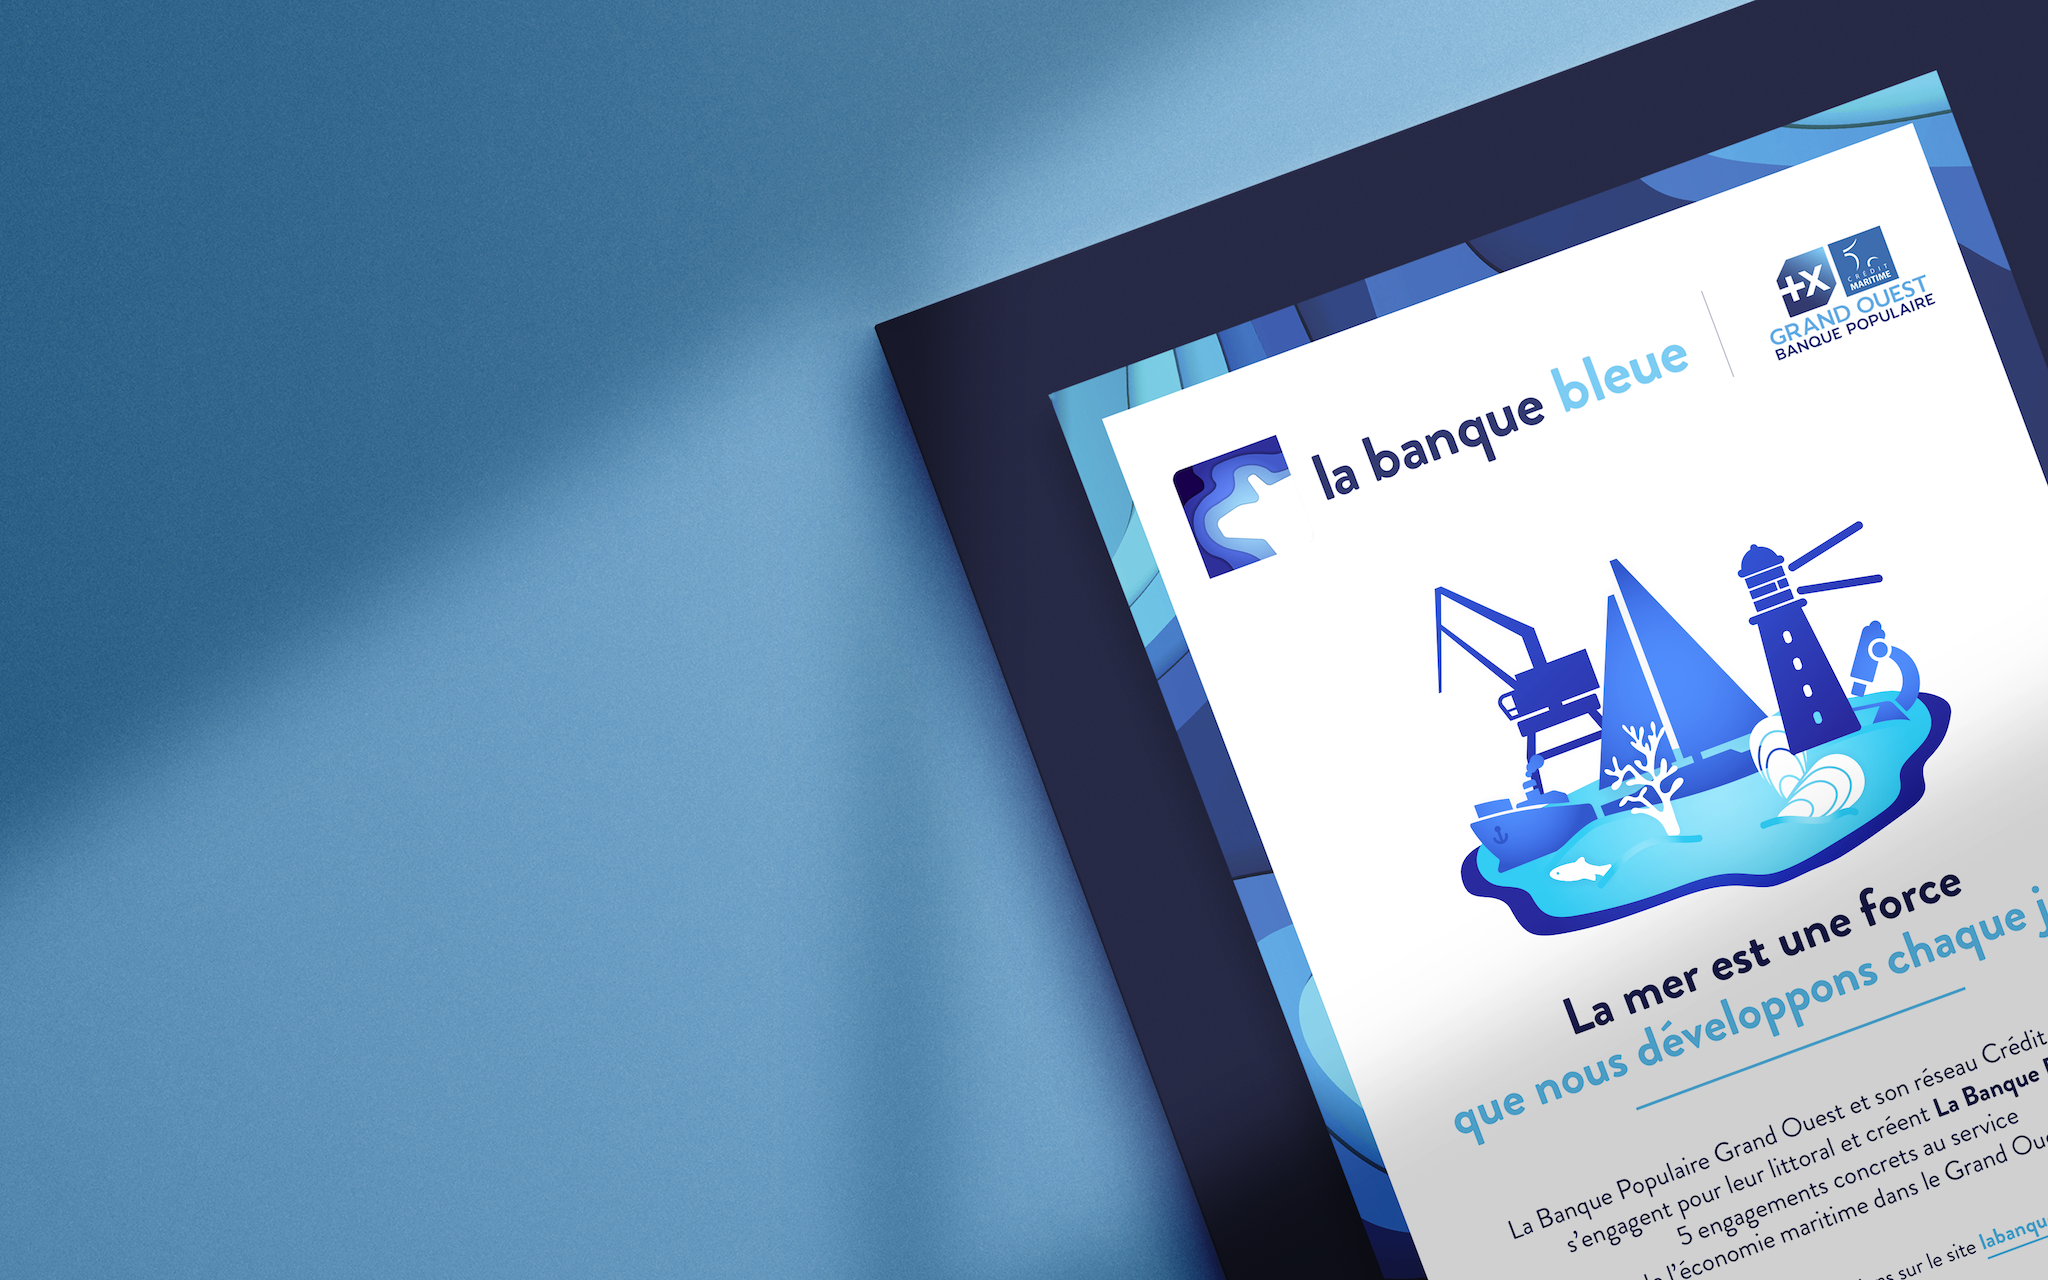 Banque-Bleue-contenu1-01 copie